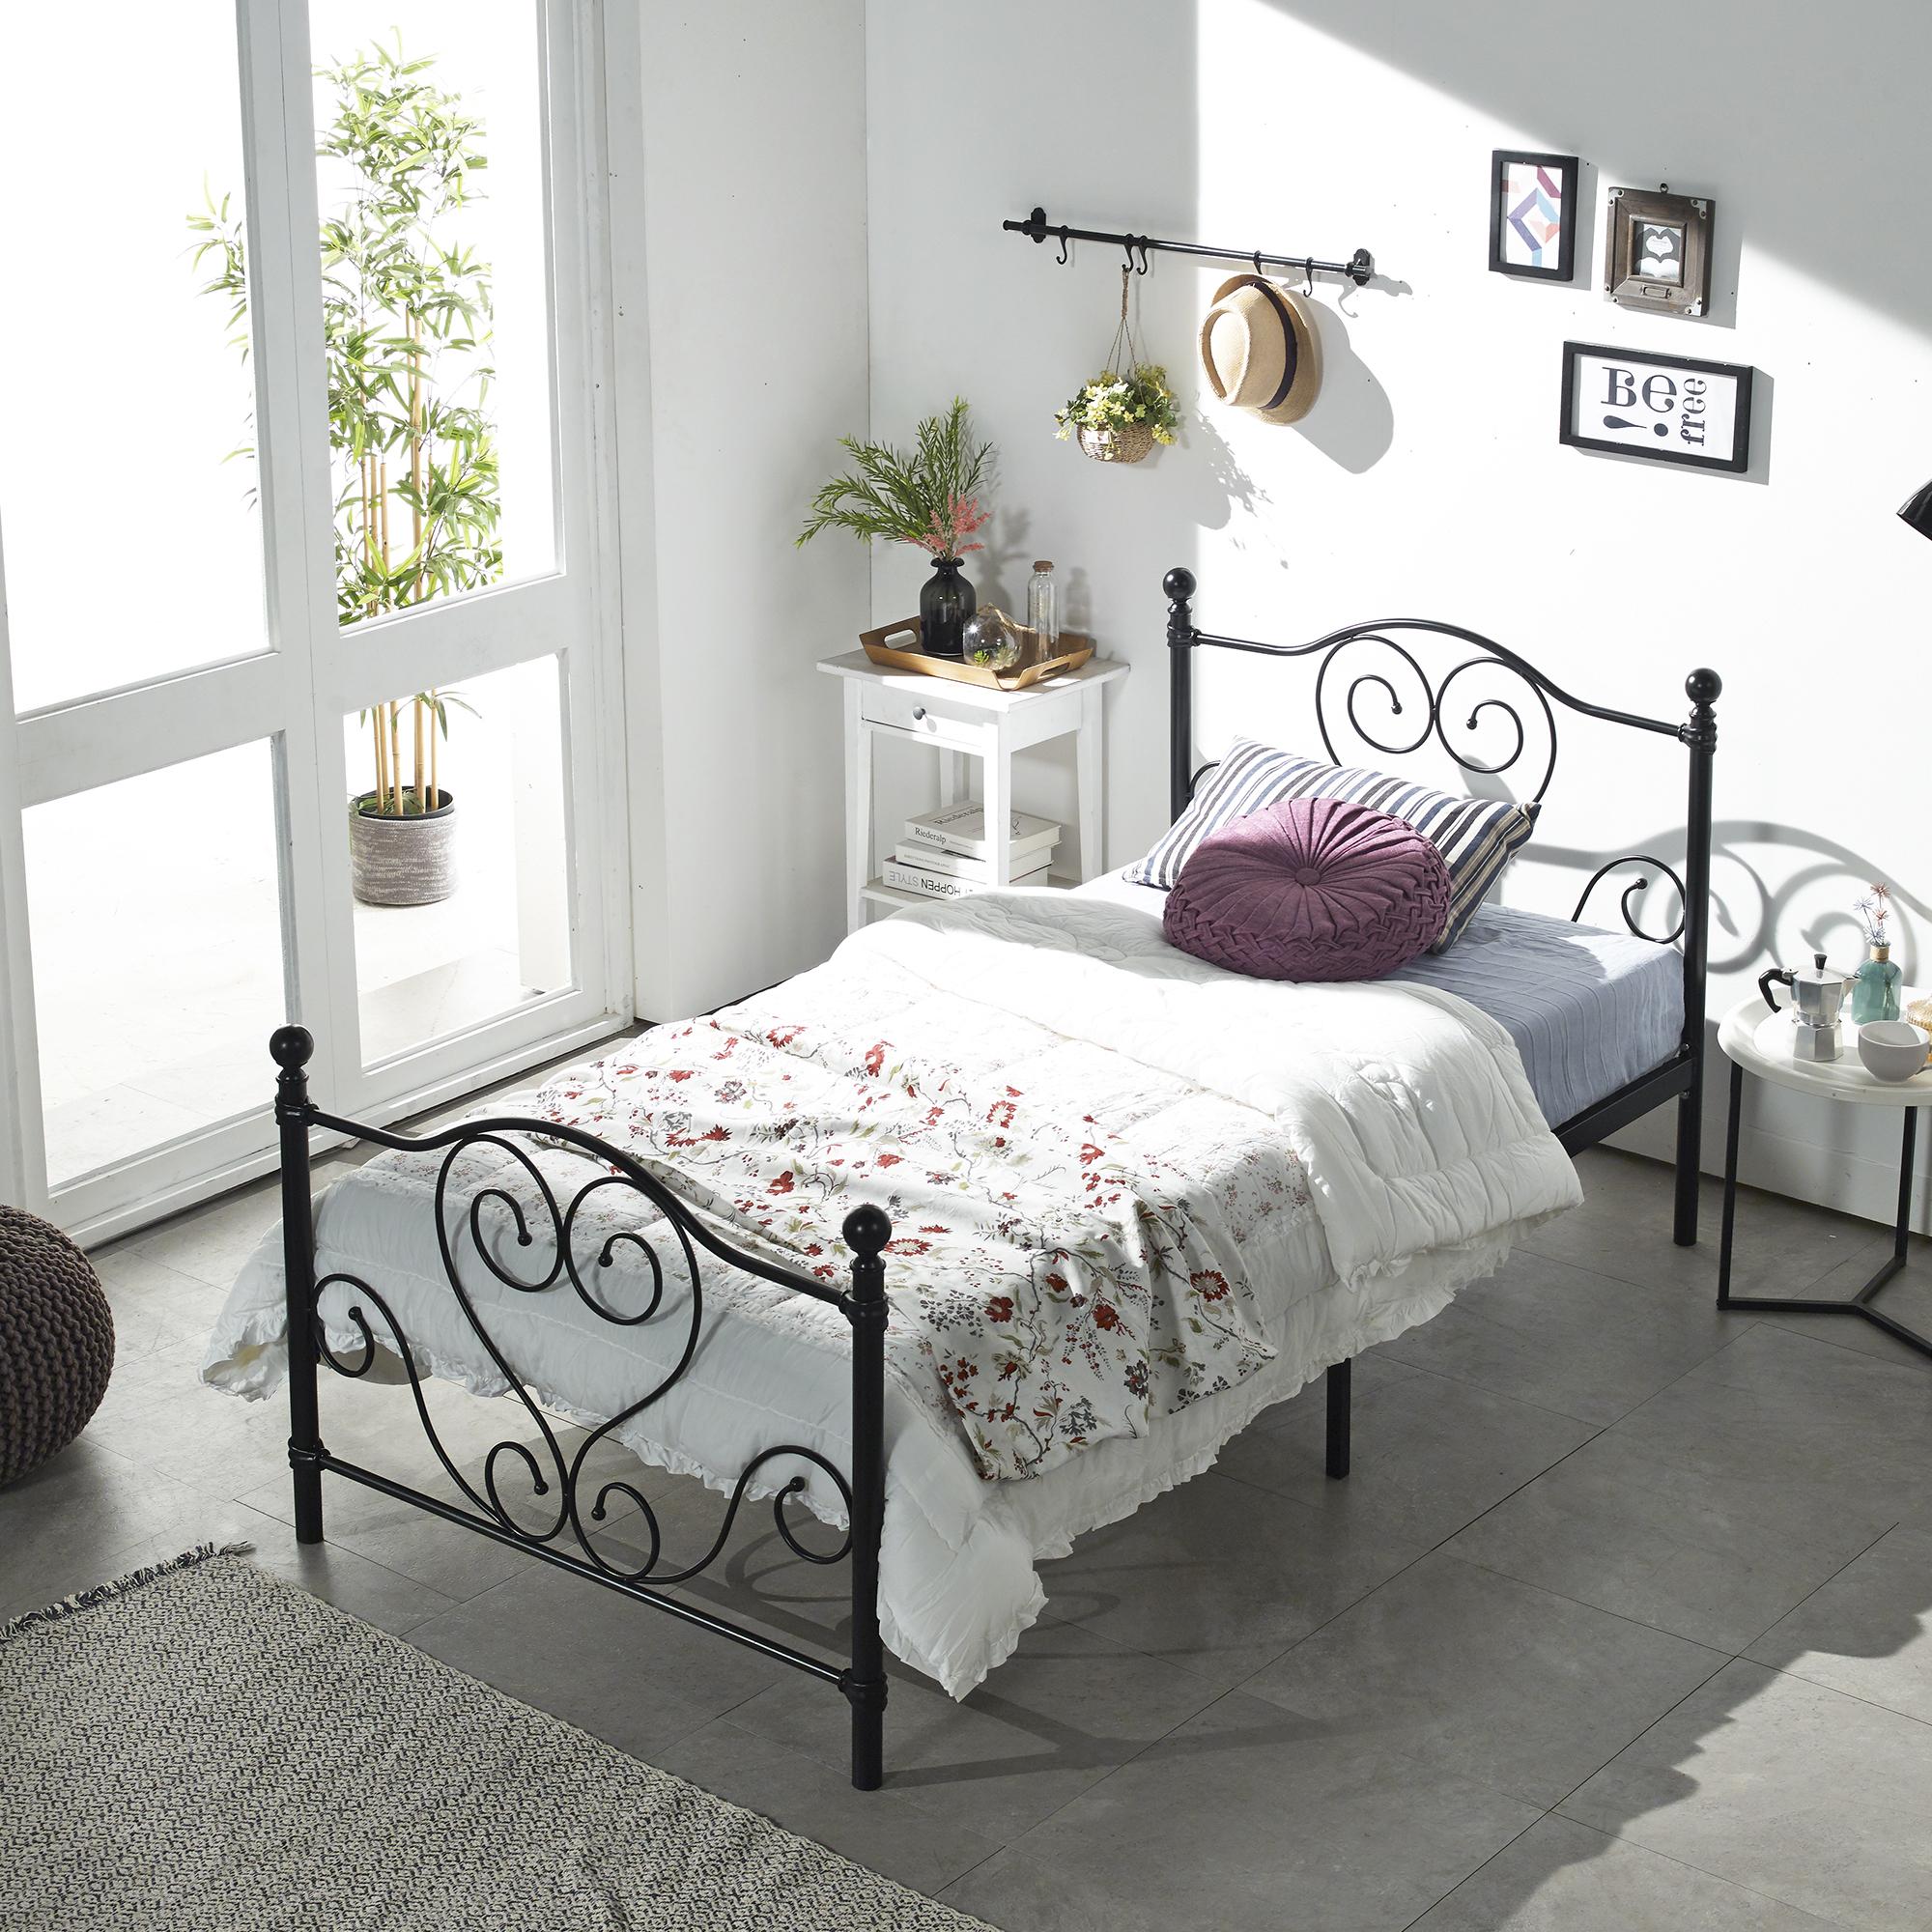 홈페리 에일린 클래식 침대 프레임 단품 블랙